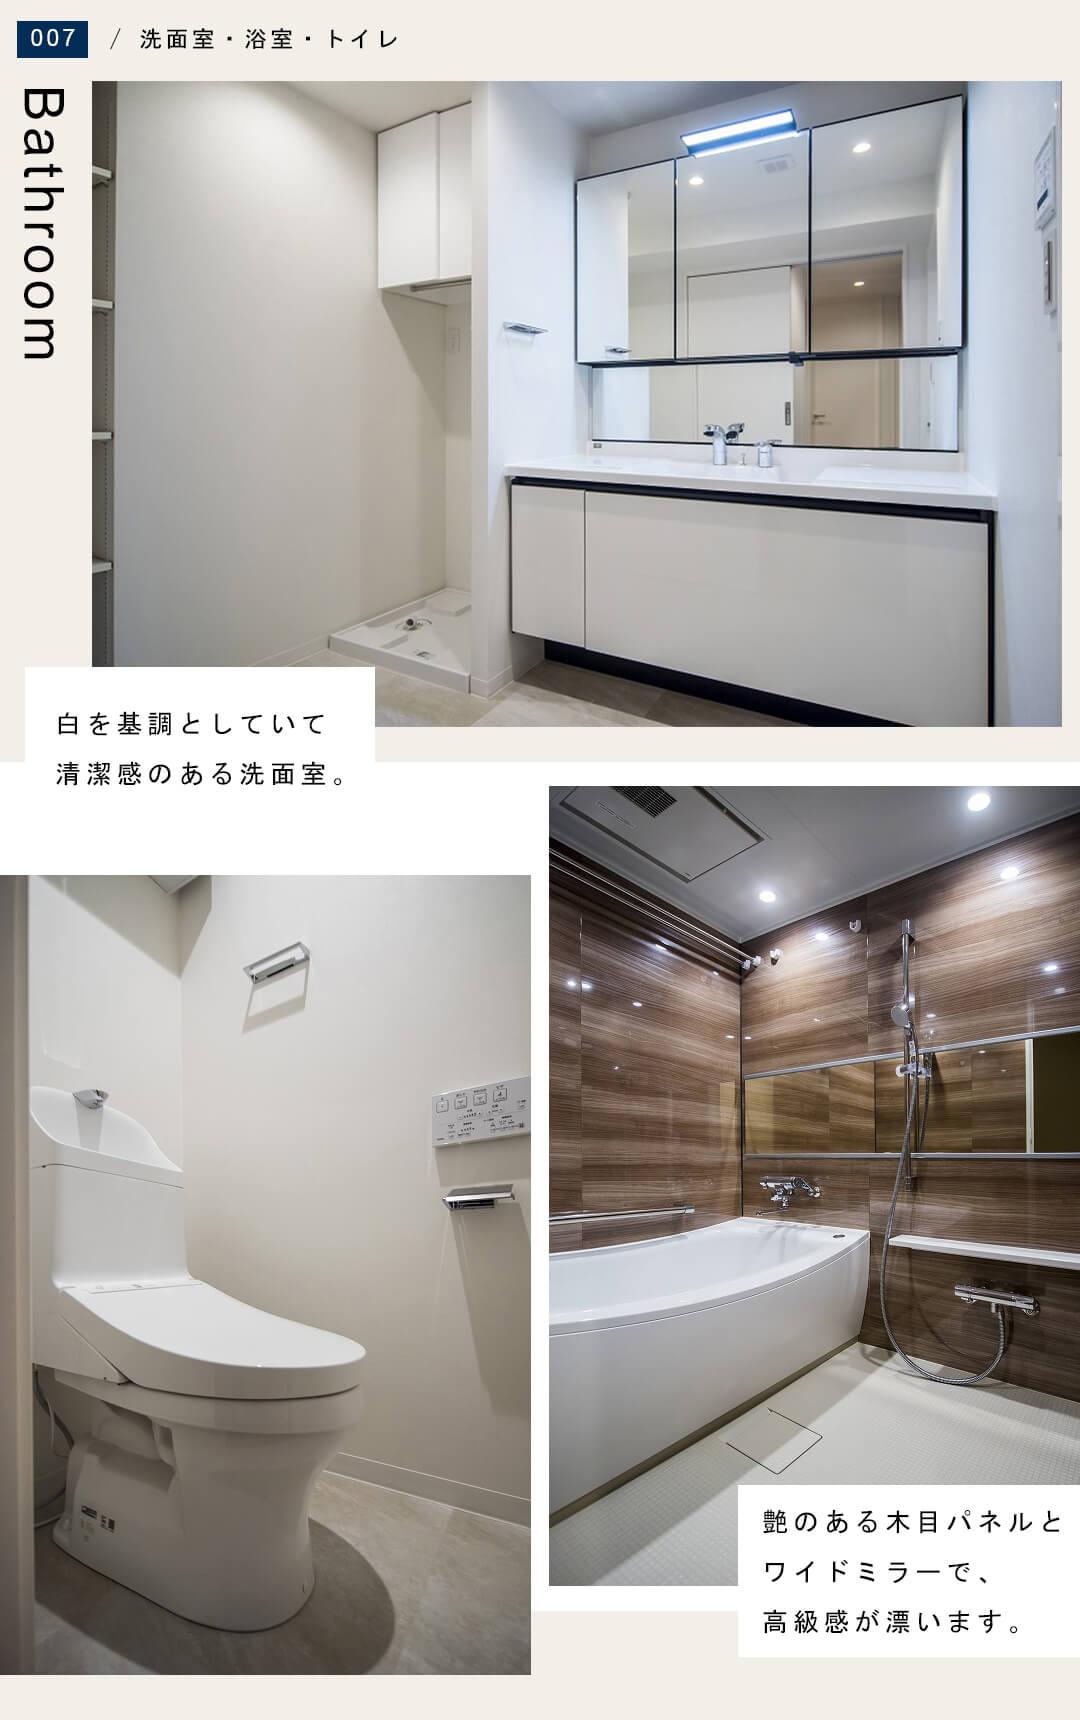 西戸山タワーホウムズノースタワーの洗面室と浴室とトイレ